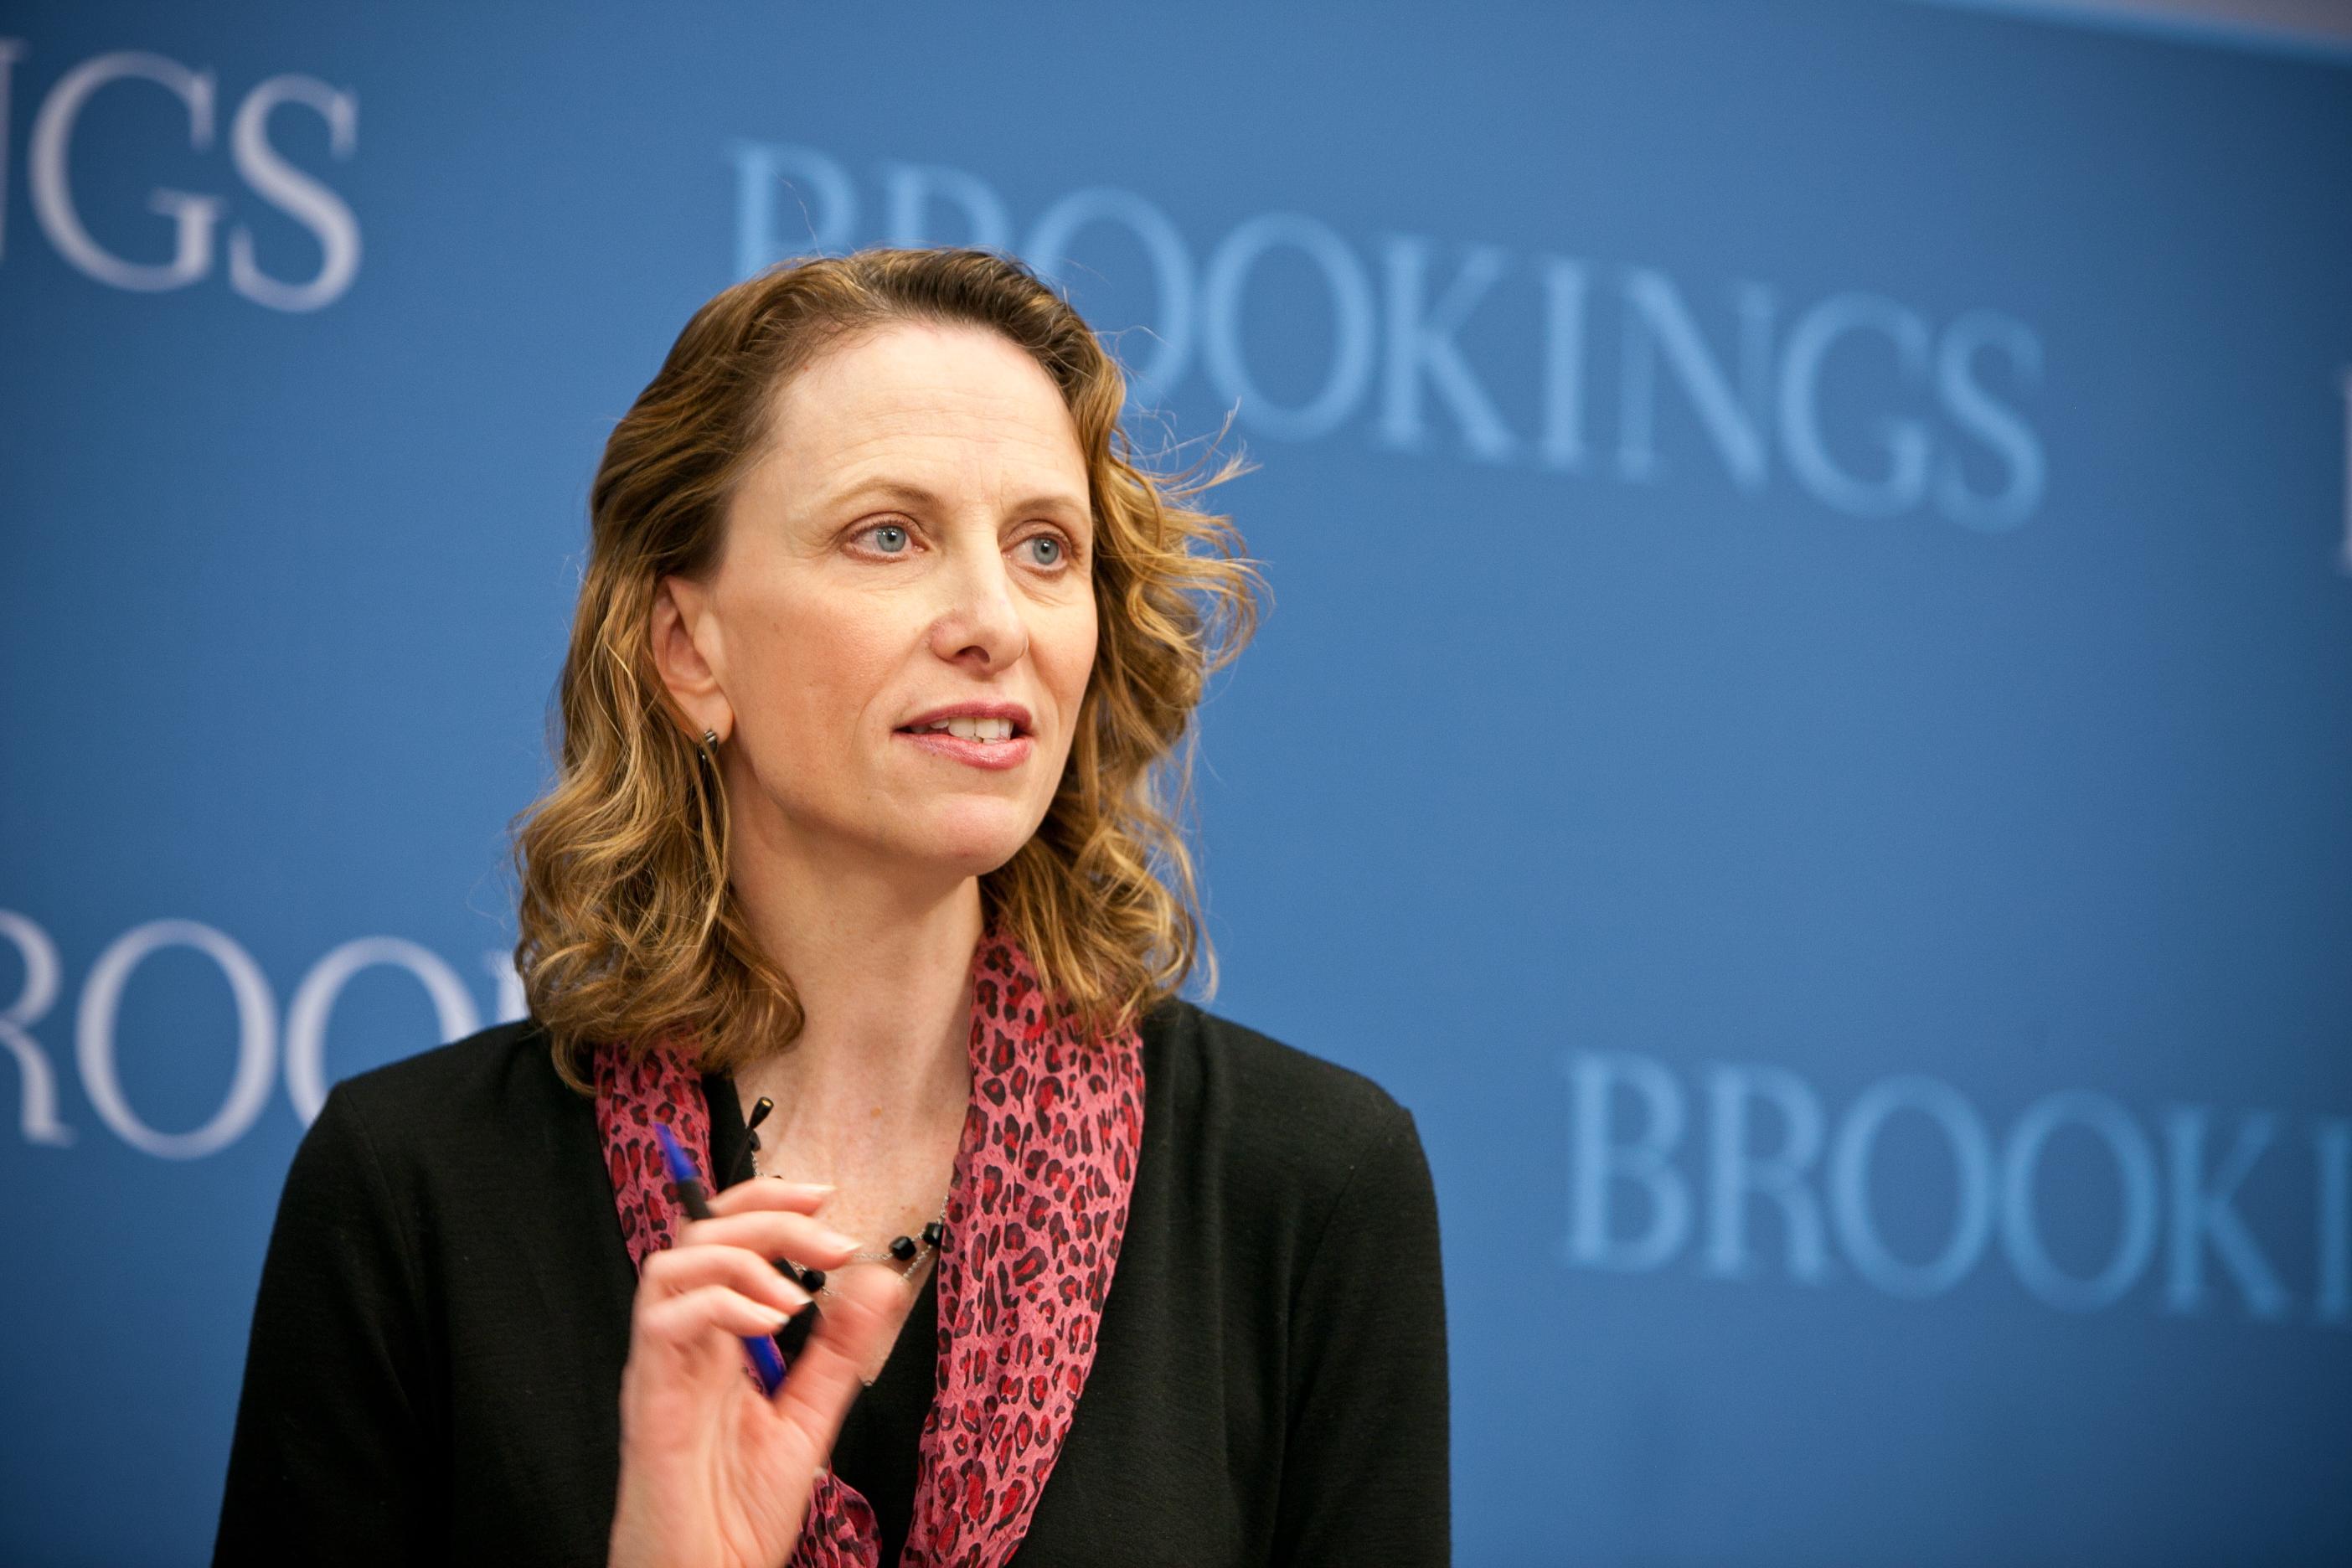 Karen Dynan speaks at an event.